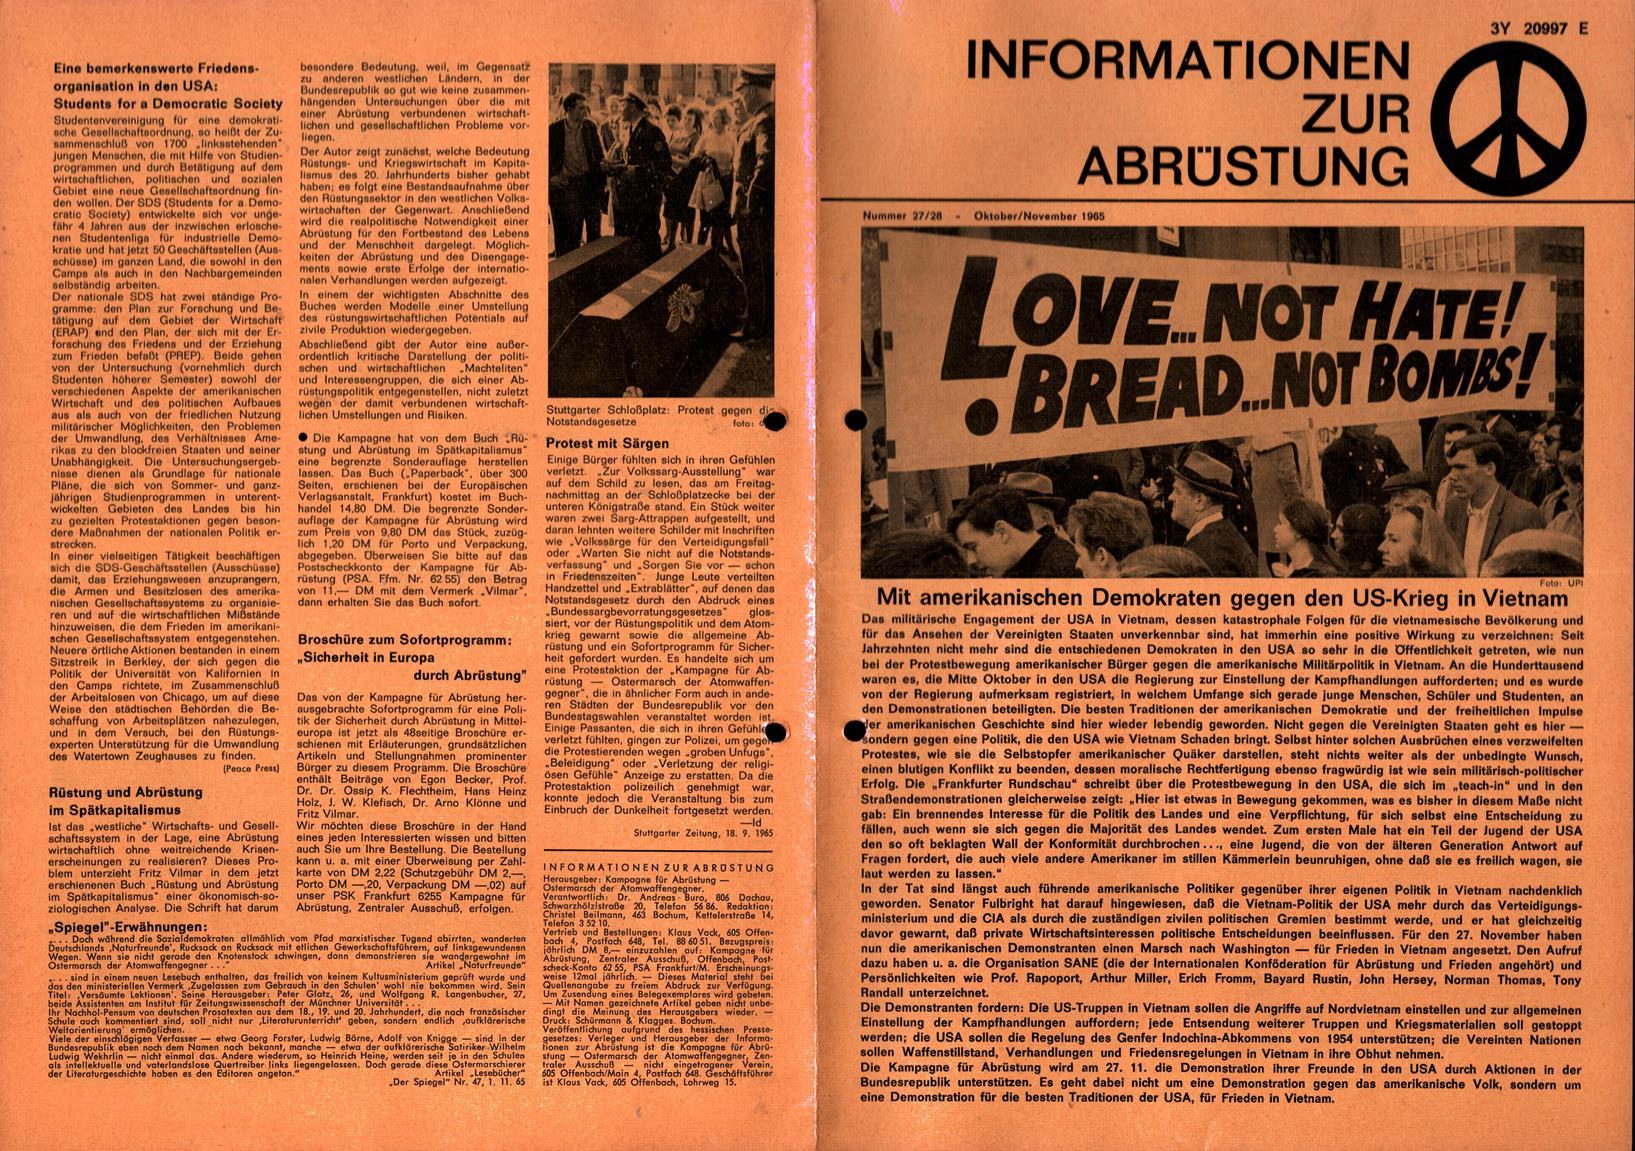 Infos_zur_Abruestung_1965_027_028_001